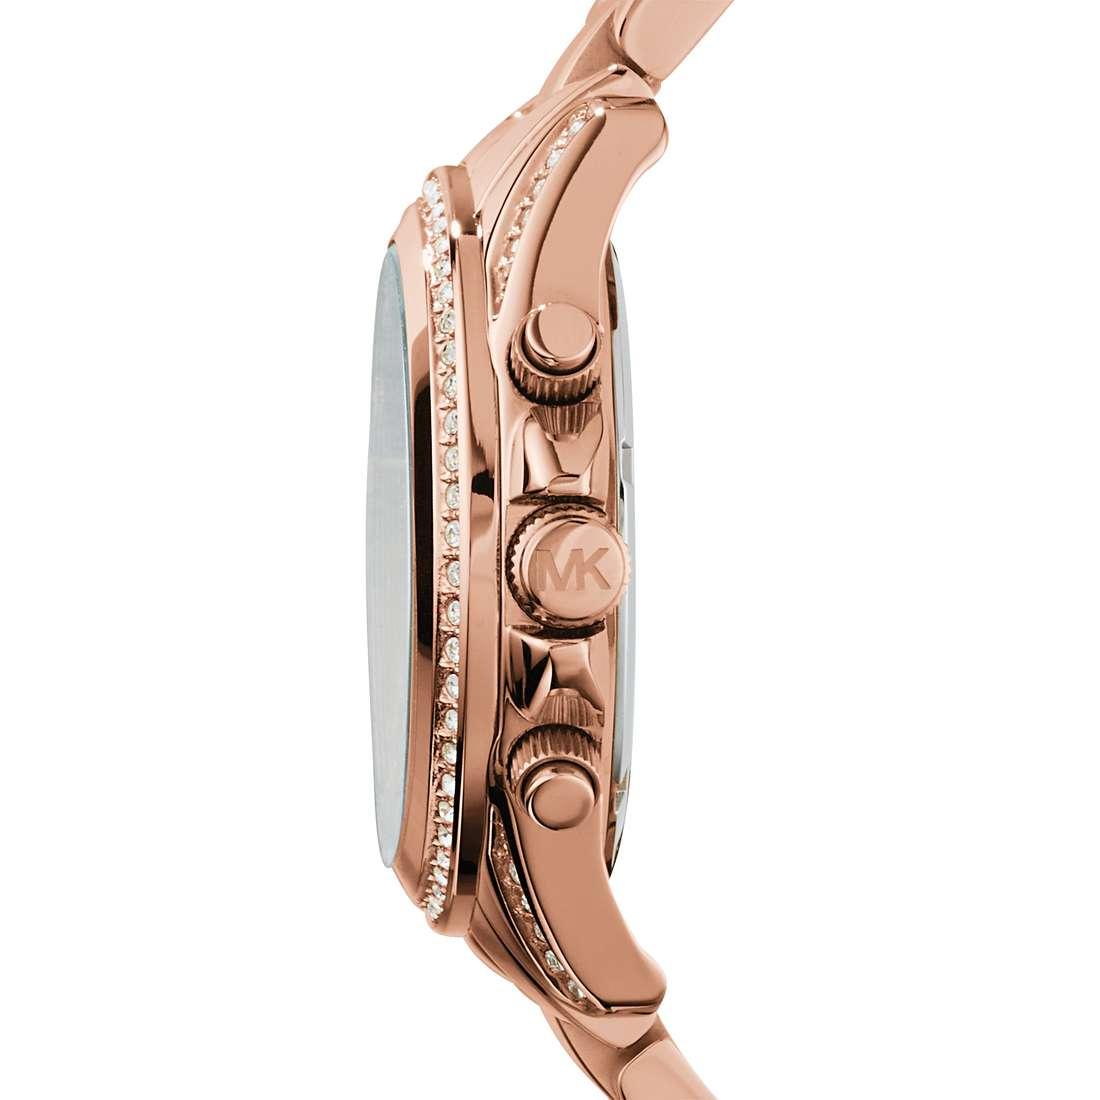 montre chronographe femme Michael Kors MK5263